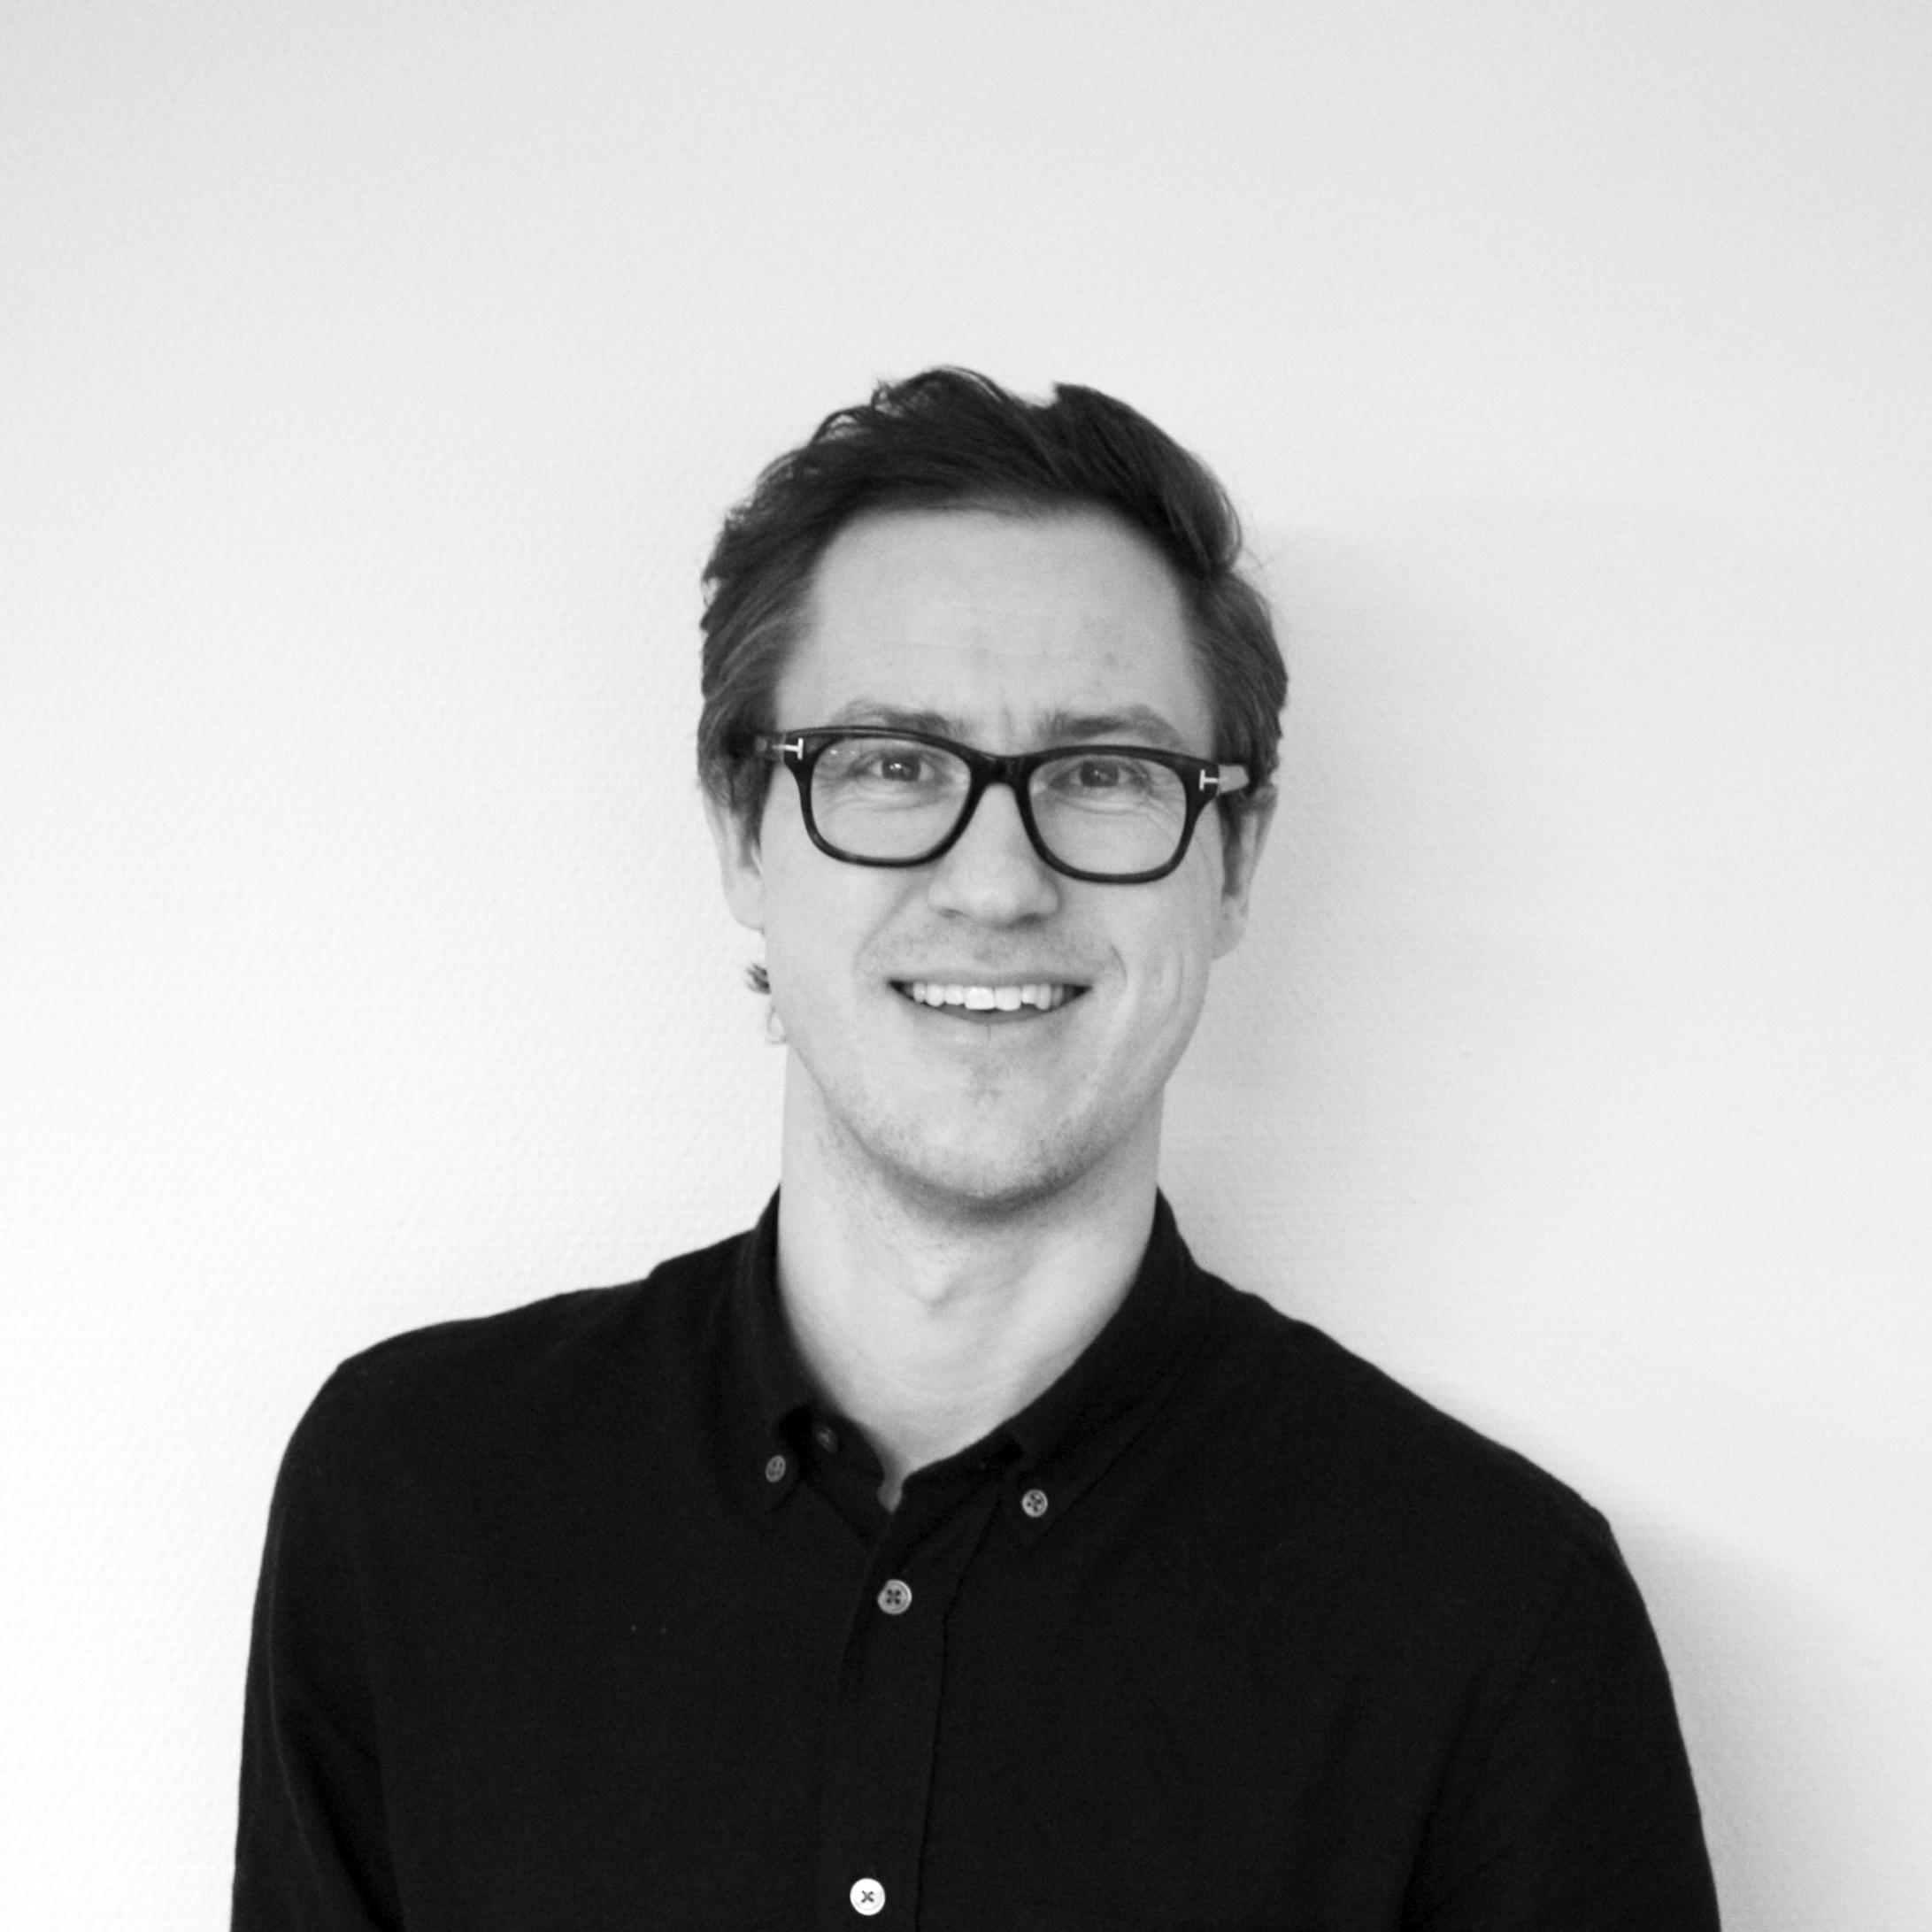 Sondre Schau Hauger  Master i arkitektur MNAL / NTNU  ssh@jansen-arkitekter.no  97 77 45 34